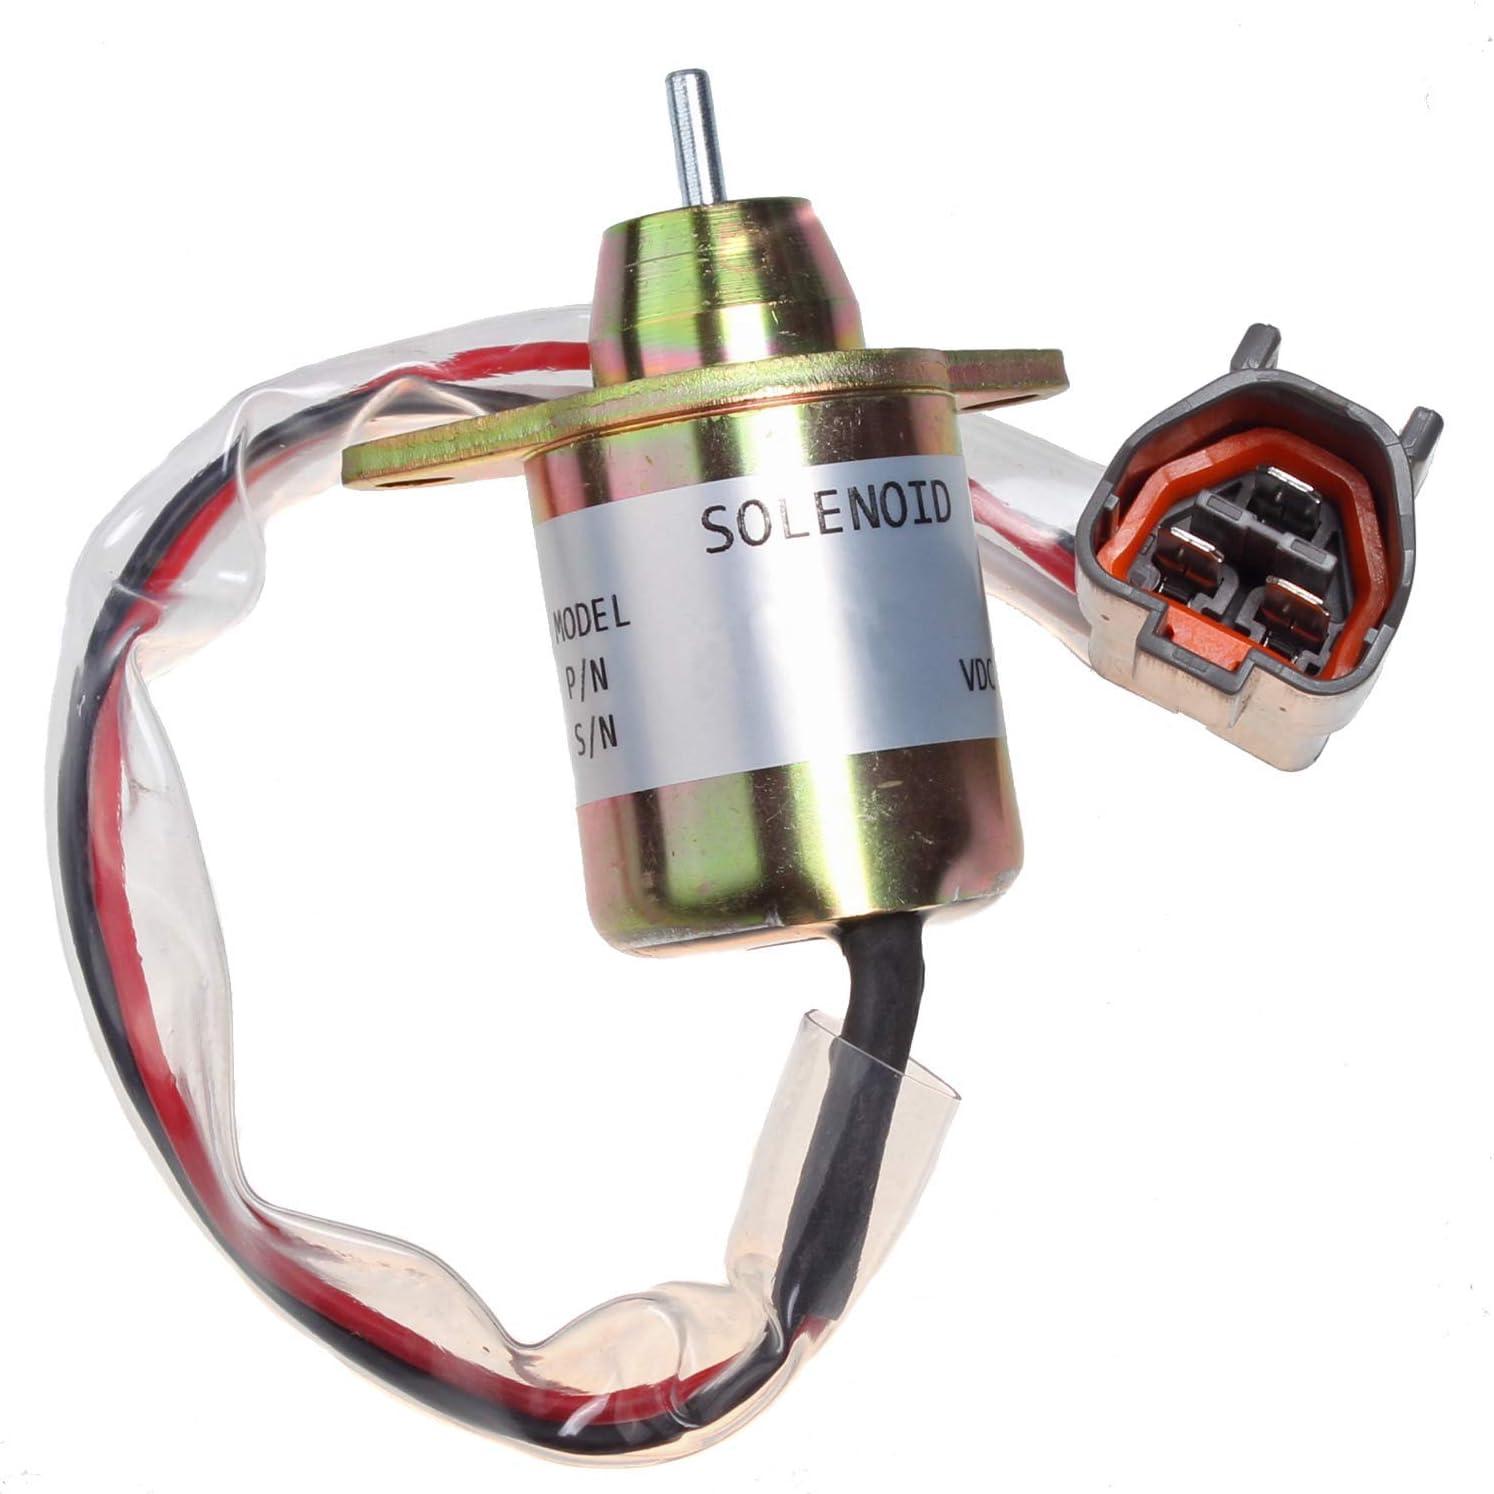 Fuel Stop Solenoid For 4200 4300 4400 4500 4600 4700 John Deere Tractor M810324